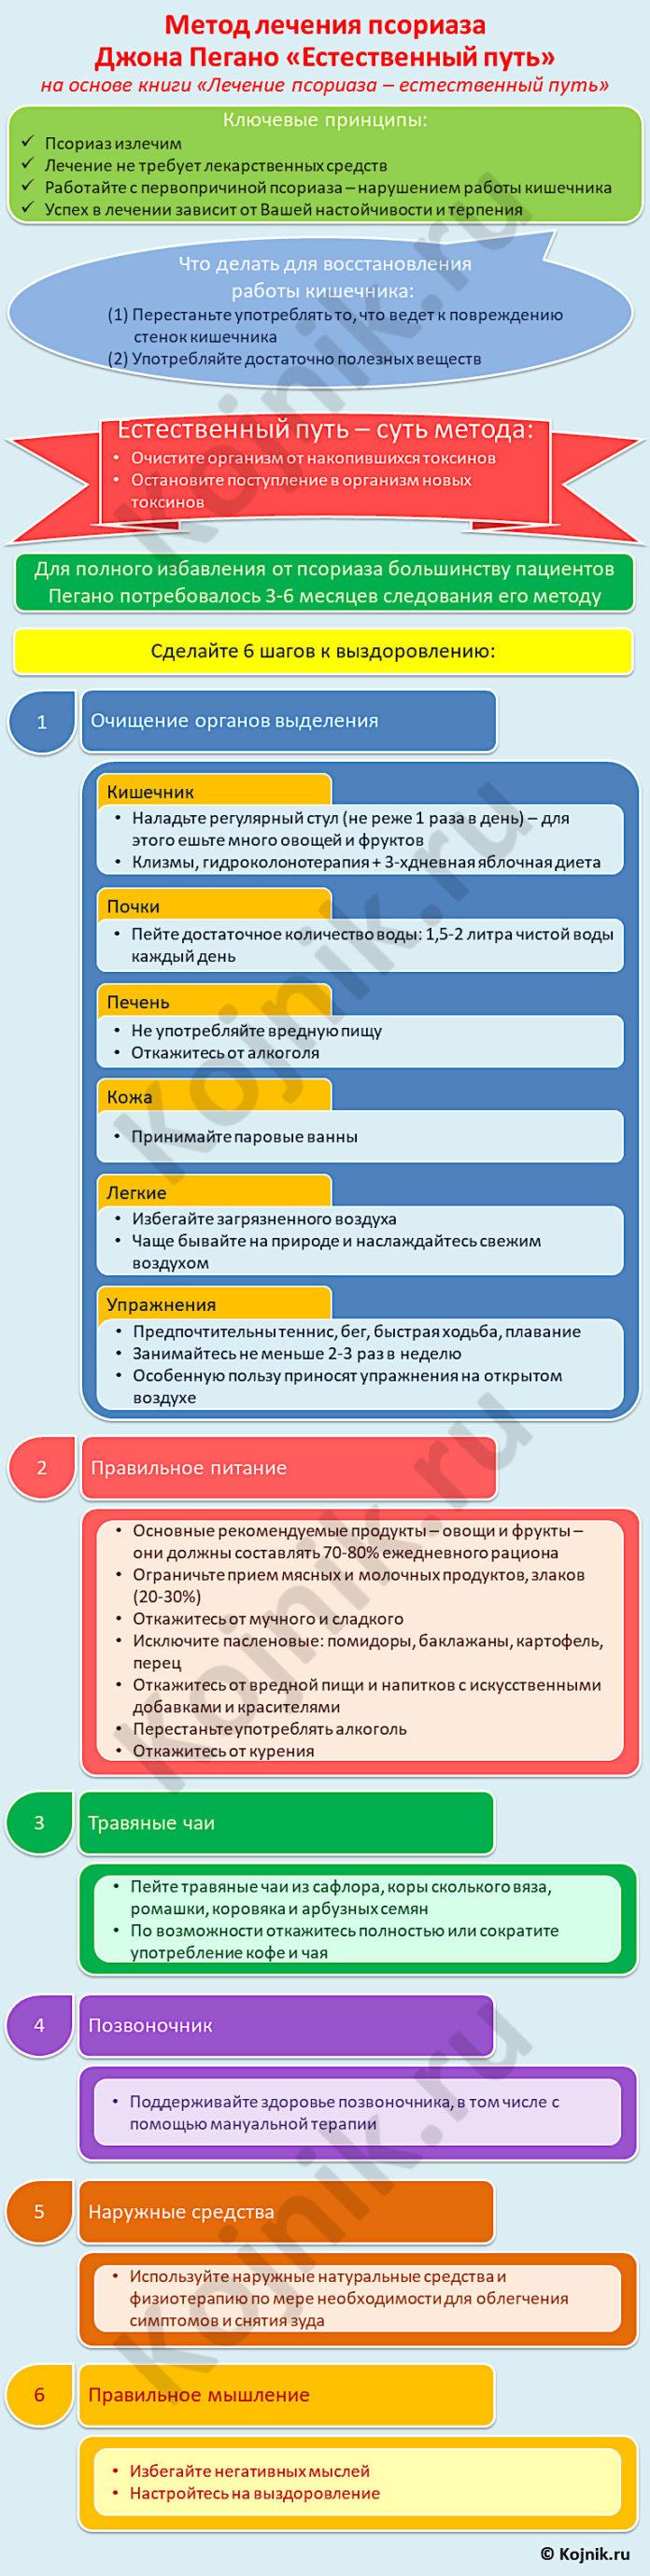 Лечение Псориаза В Харькове